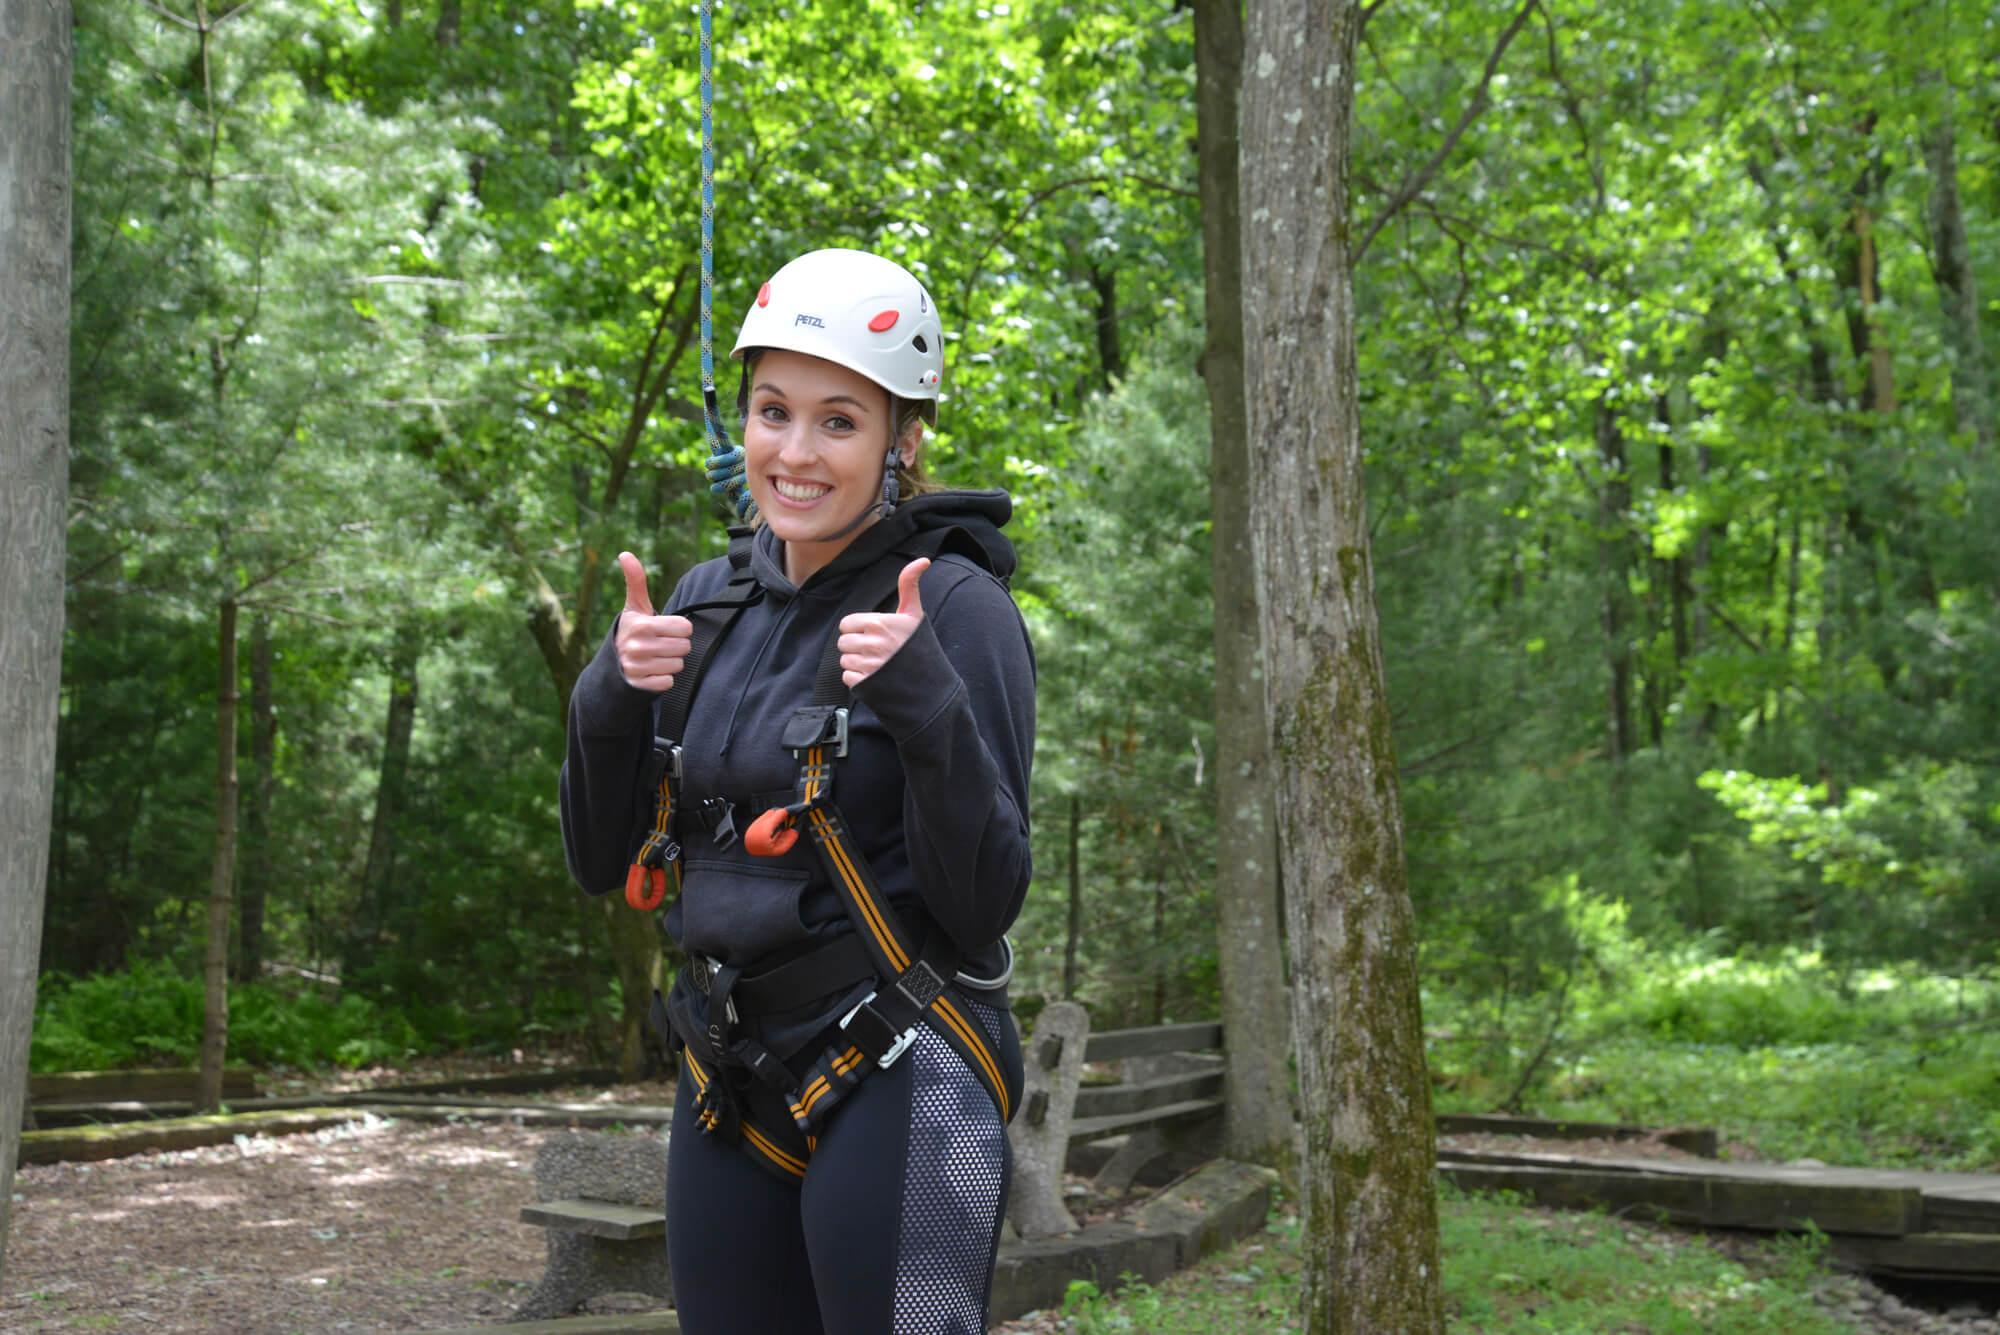 high ropes jobs at summer camp